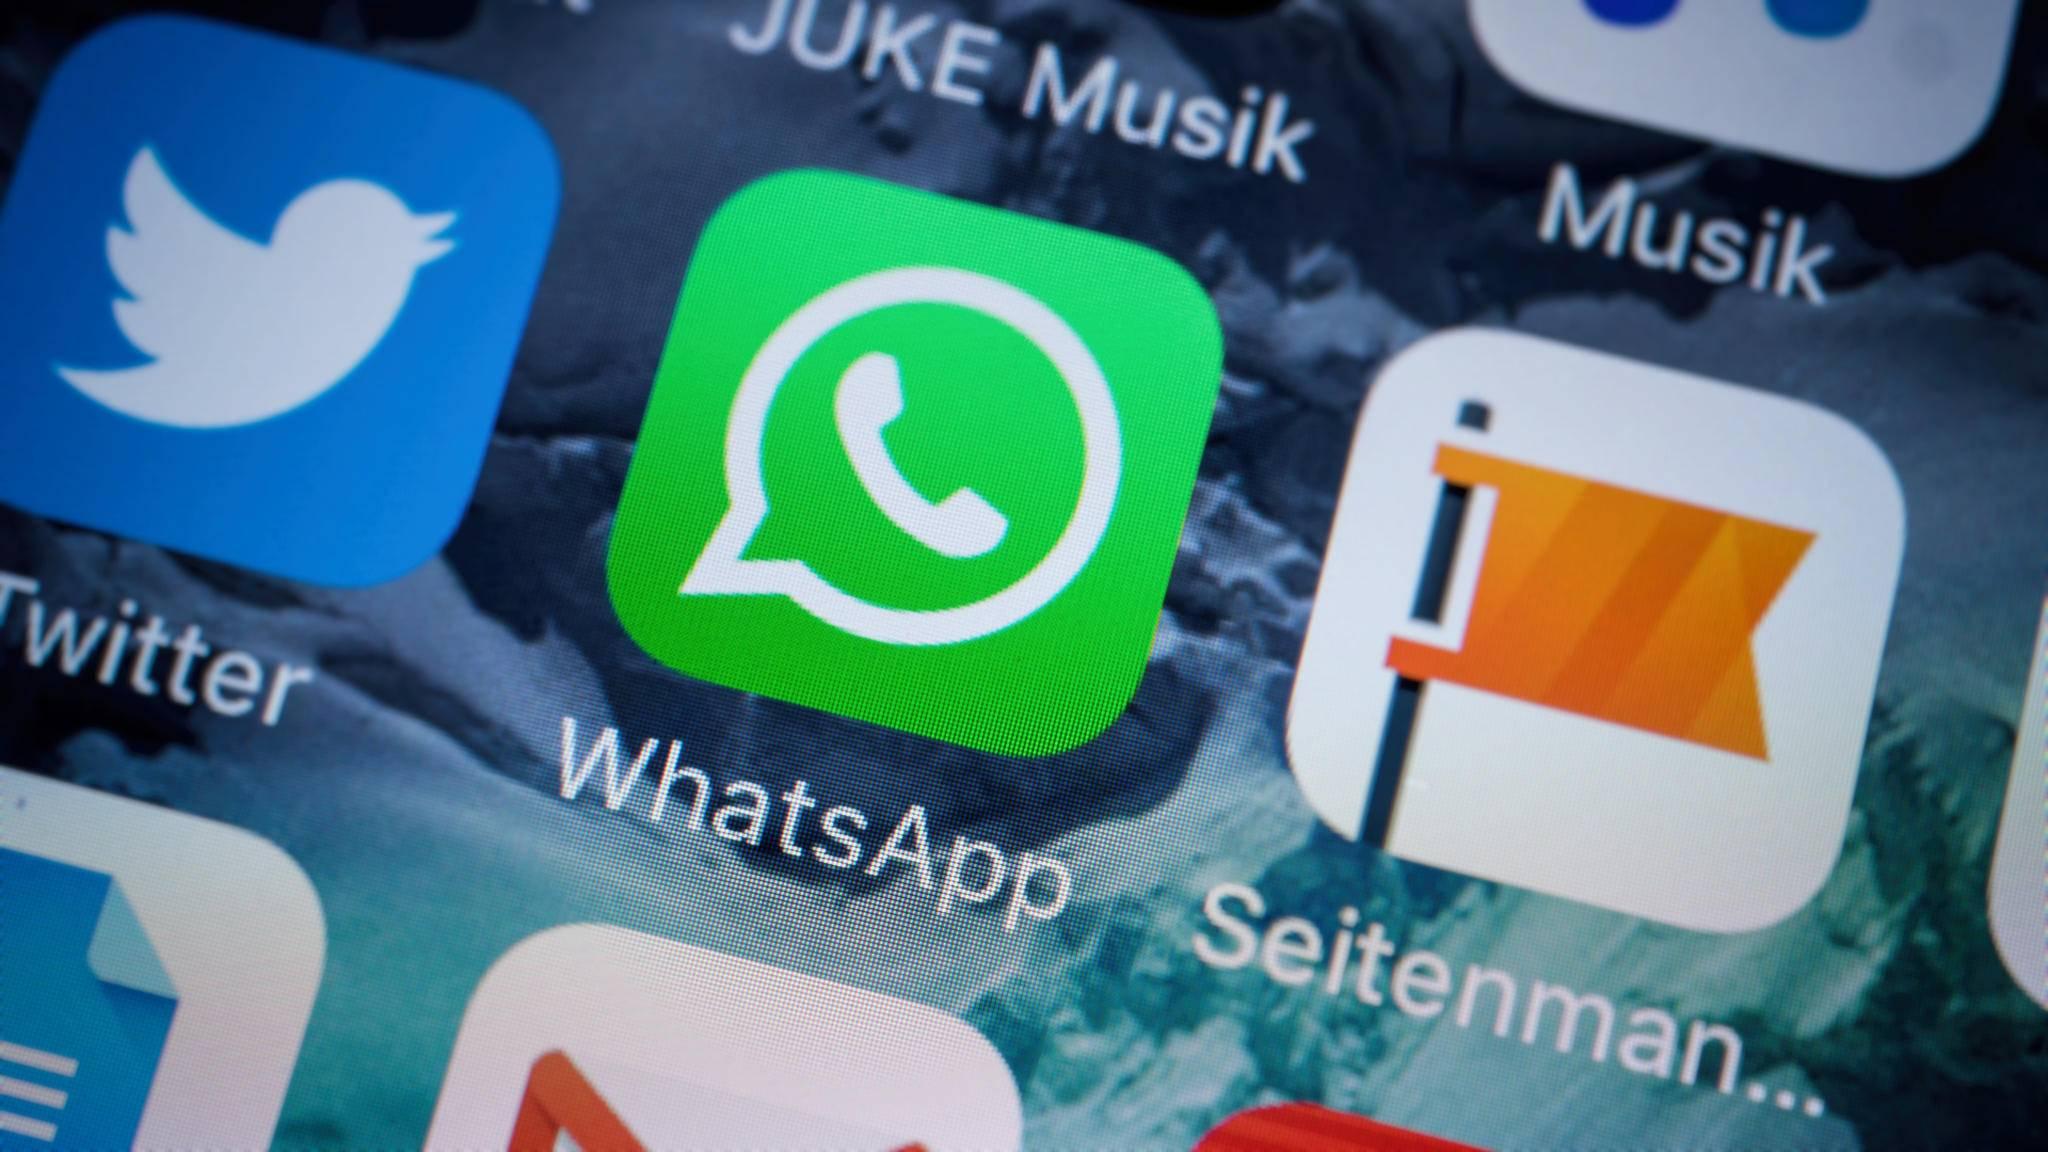 WhatsApp kommt als Windows Store-App auf Windows 10-Geräte.